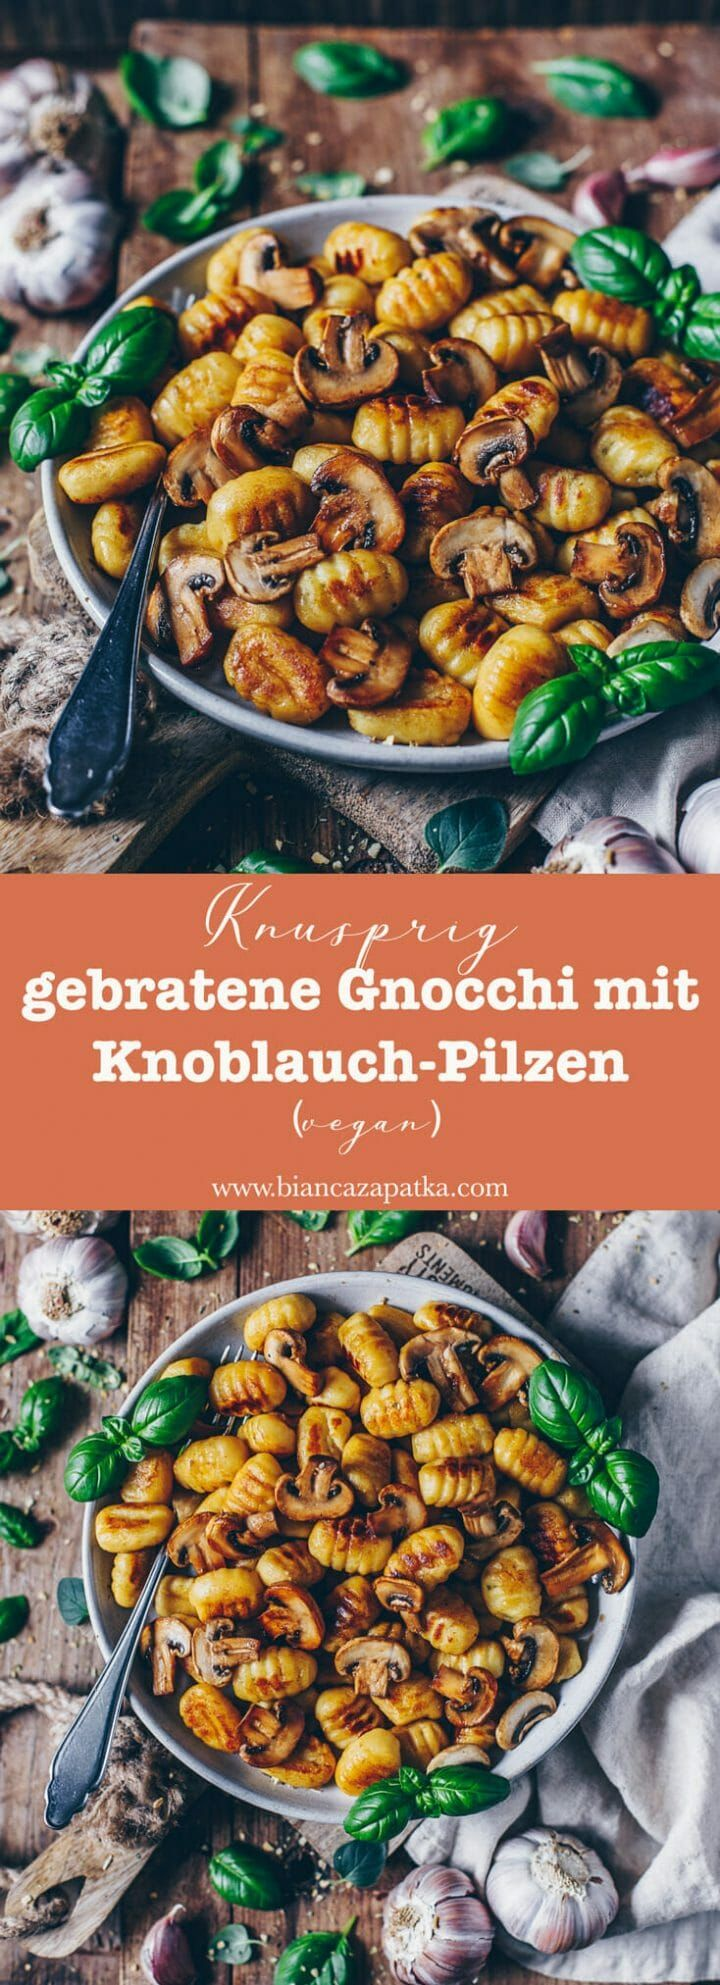 Knusprig gebratene Gnocchi mit Knoblauch-Pilzen (vegan) - Bianca Zapatka | Rezepte #recettesdecuisine